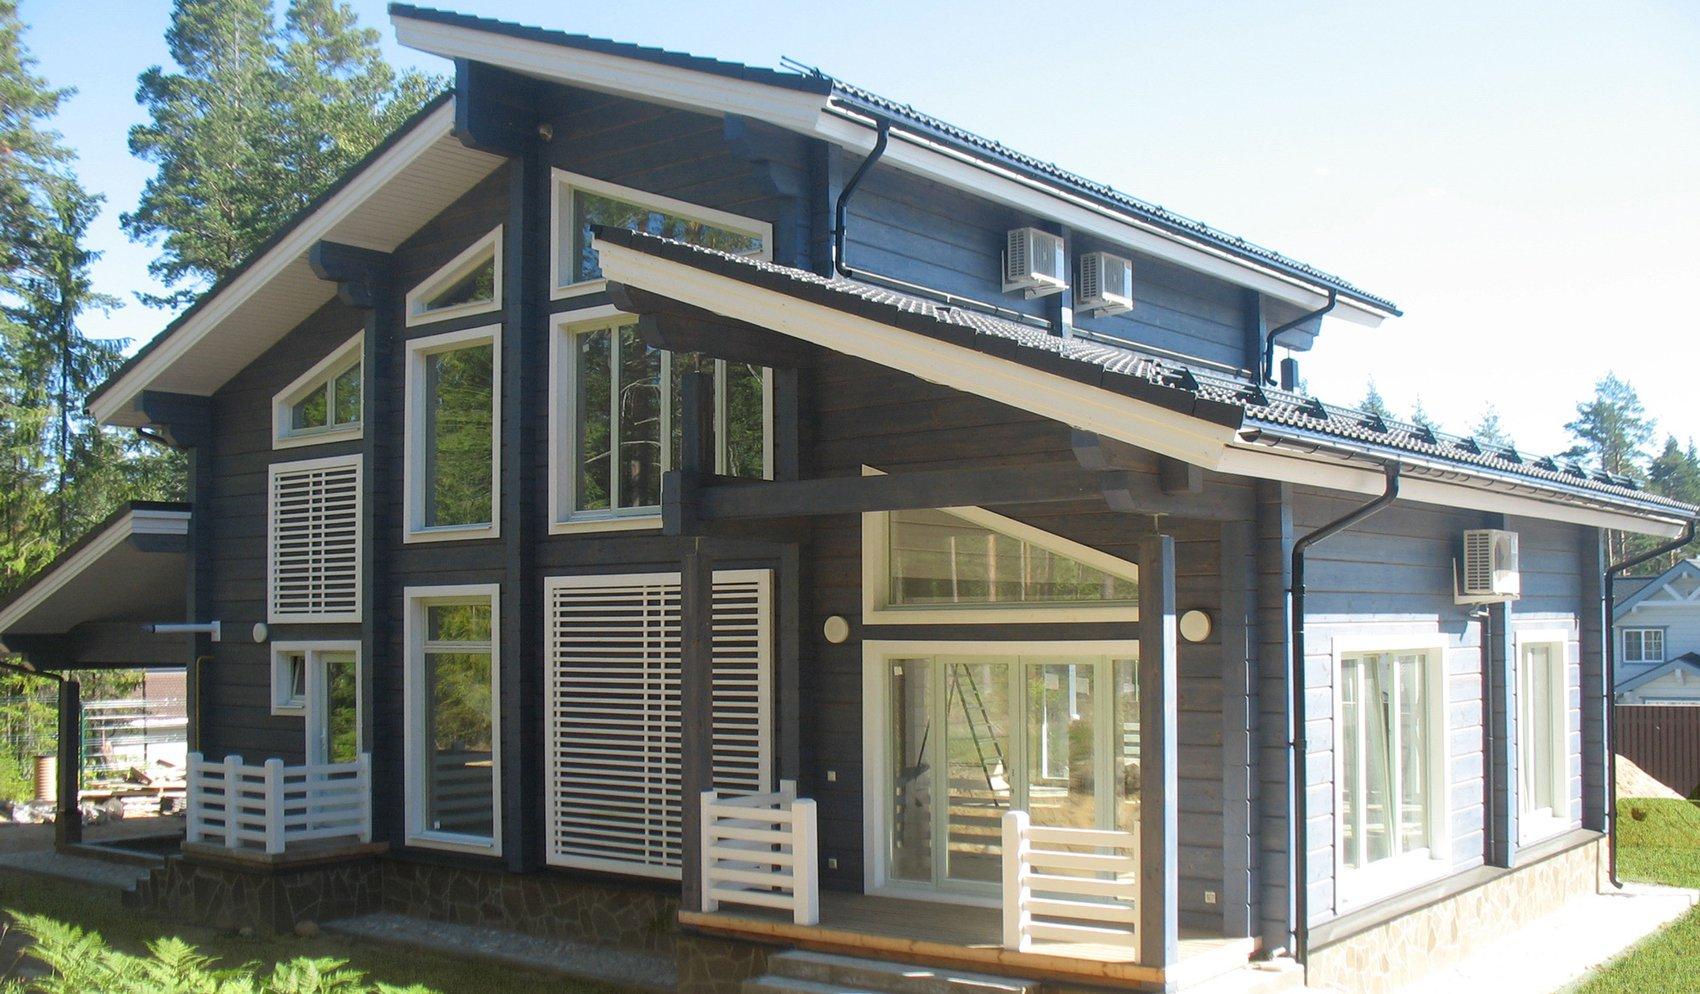 дом с разными уровнями фото слитном черном купальнике